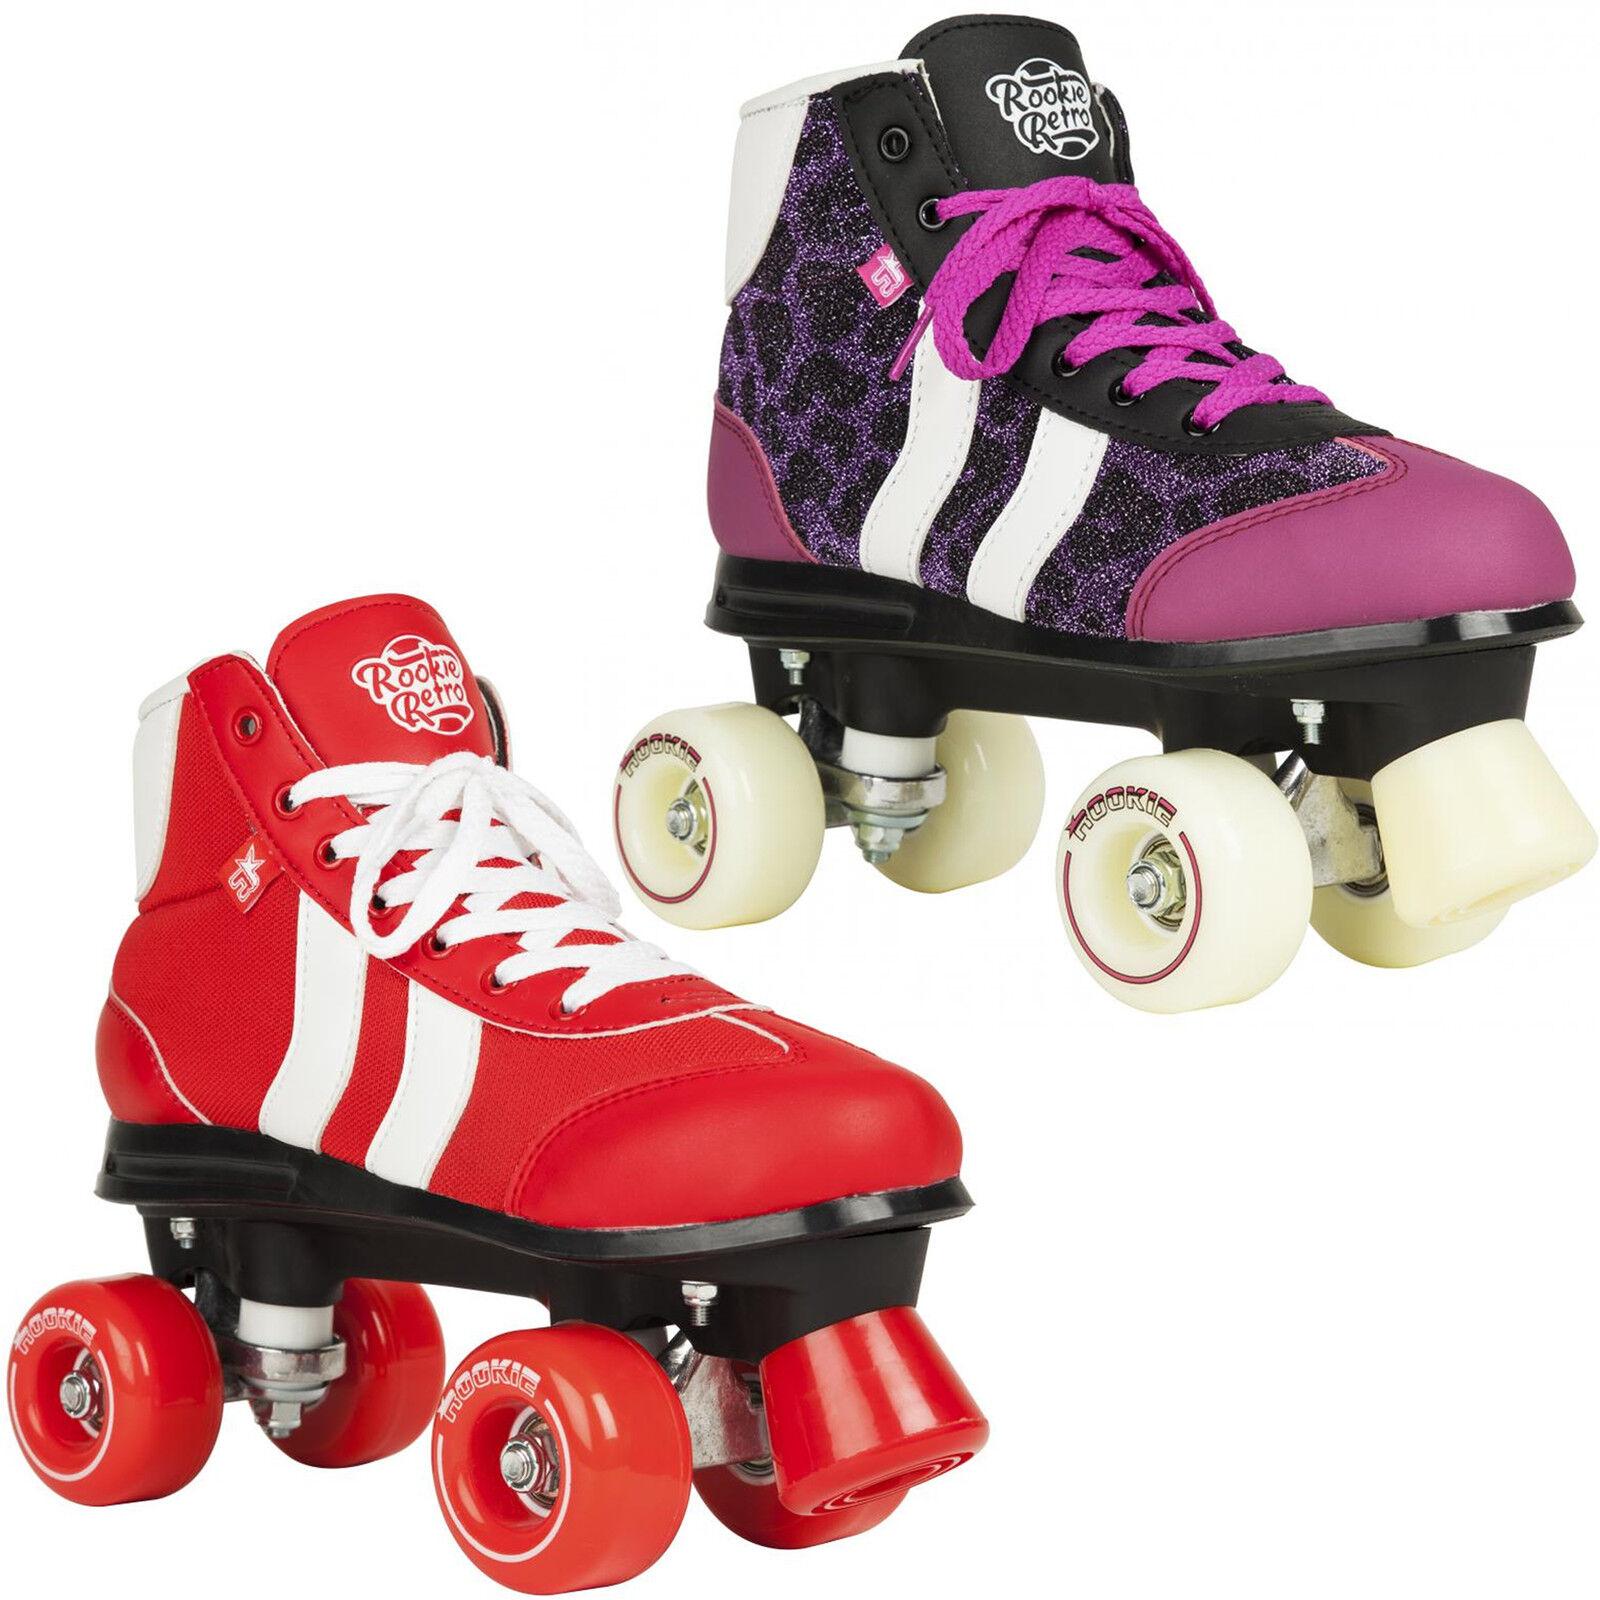 Roller skates buy nz - Make Rookie Model Roller Skates